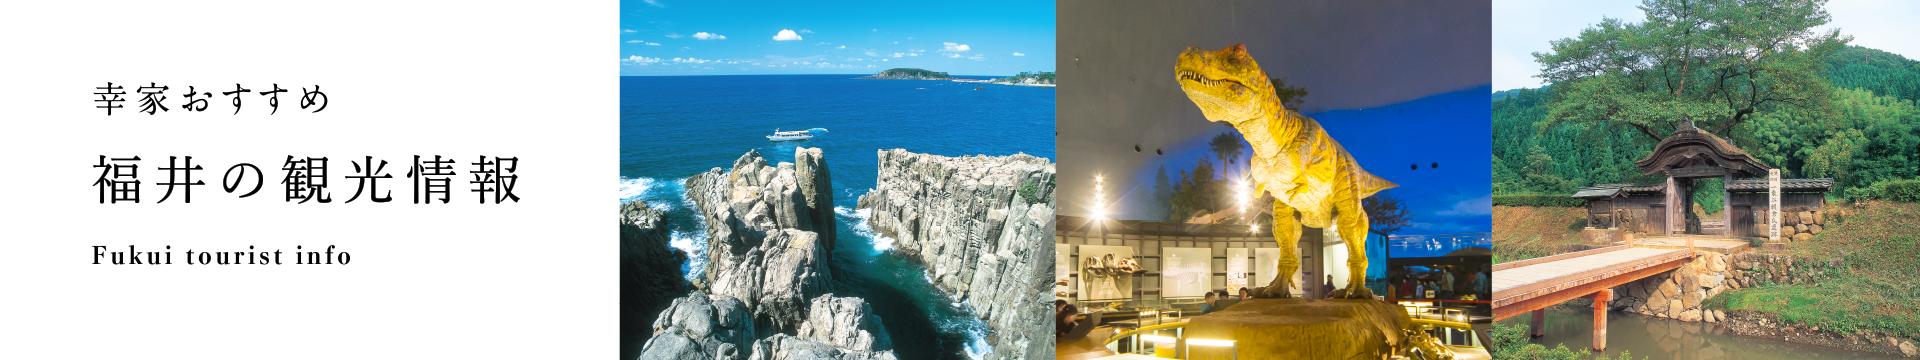 幸家のおすすめ 福井の観光情報 Fukui tourist info